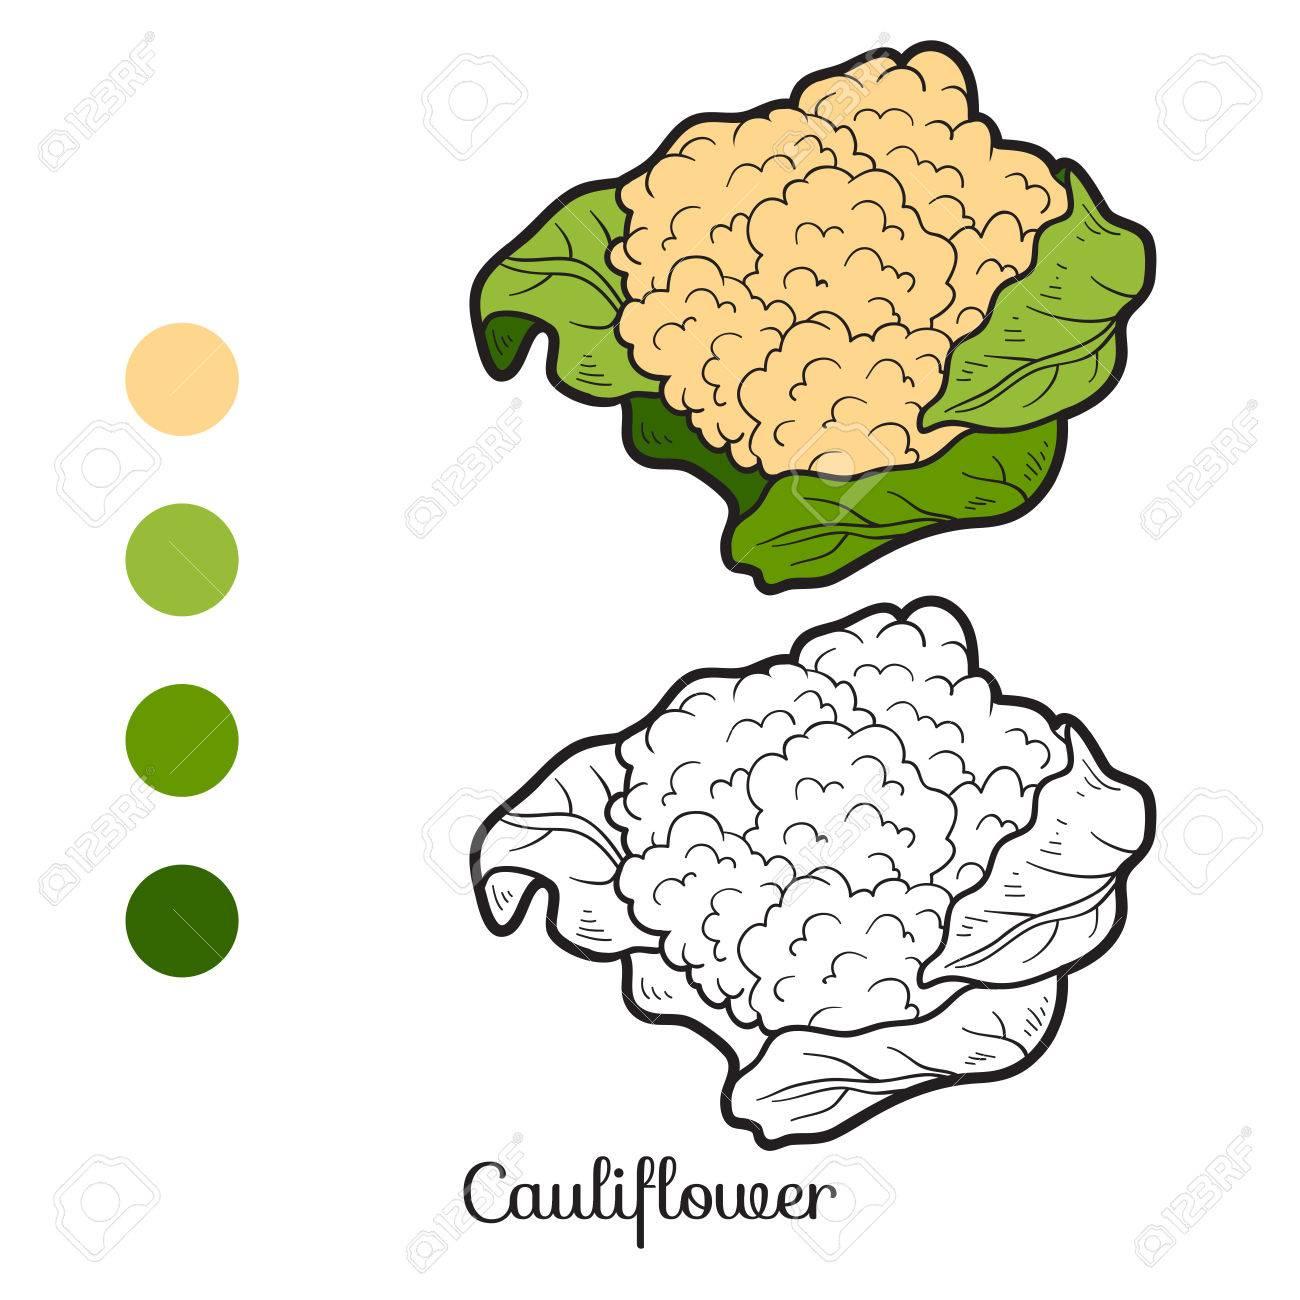 Livre De Coloriage Pour Les Enfants Les Fruits Et Légumes Chou Fleur